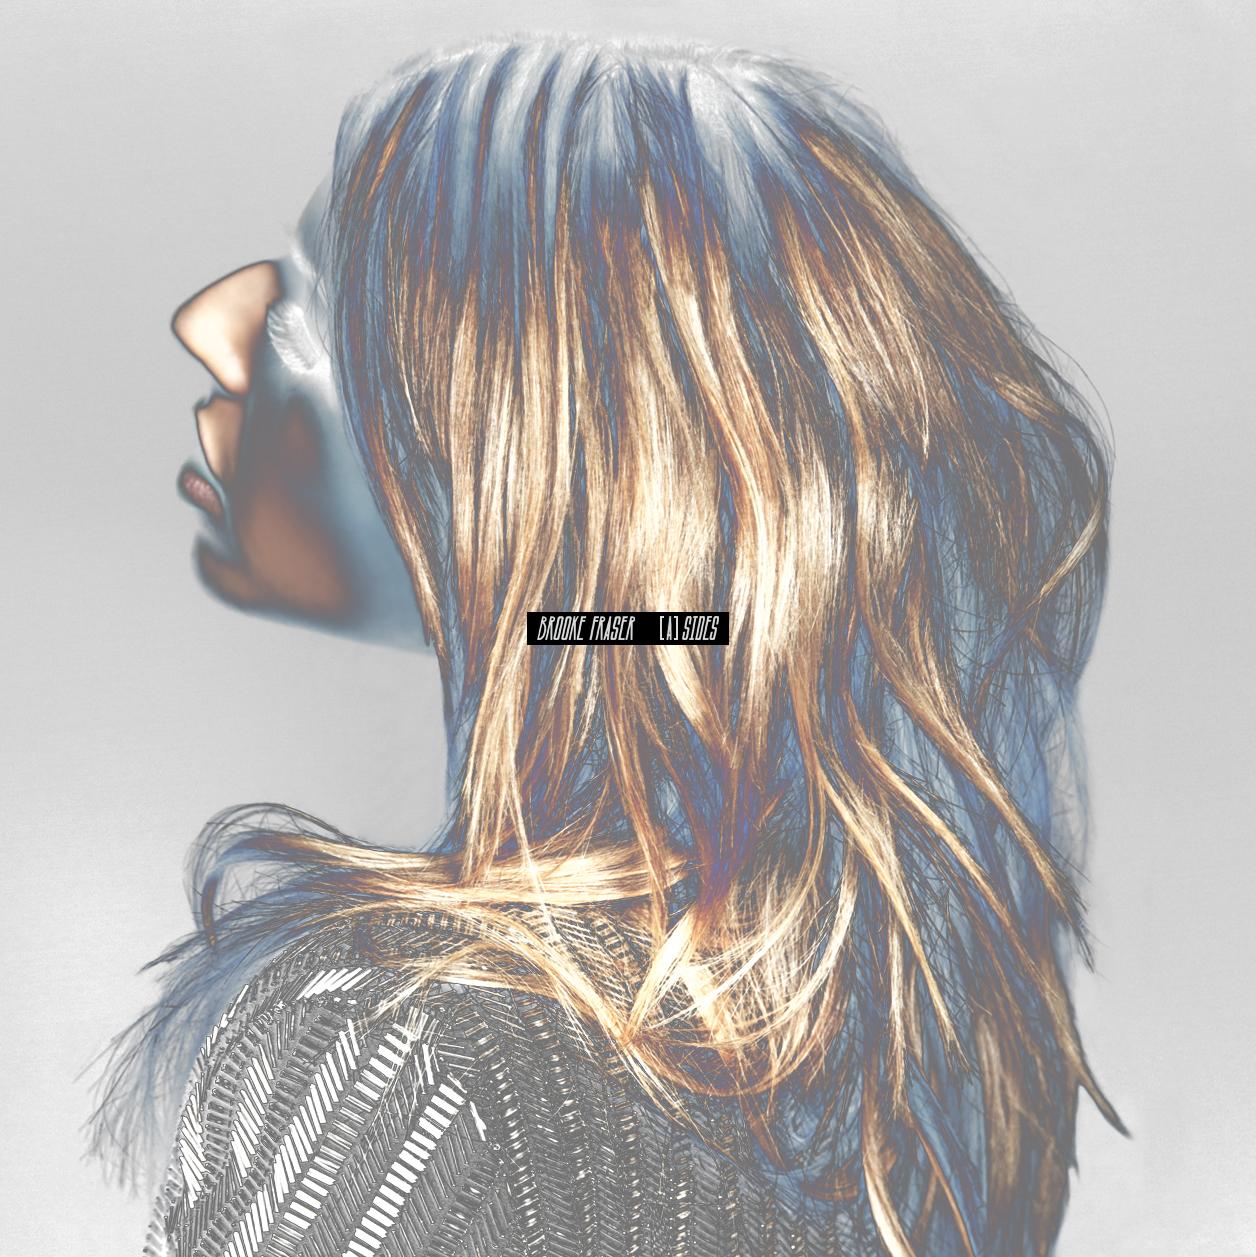 [A] Sides by Brooke Fraser image